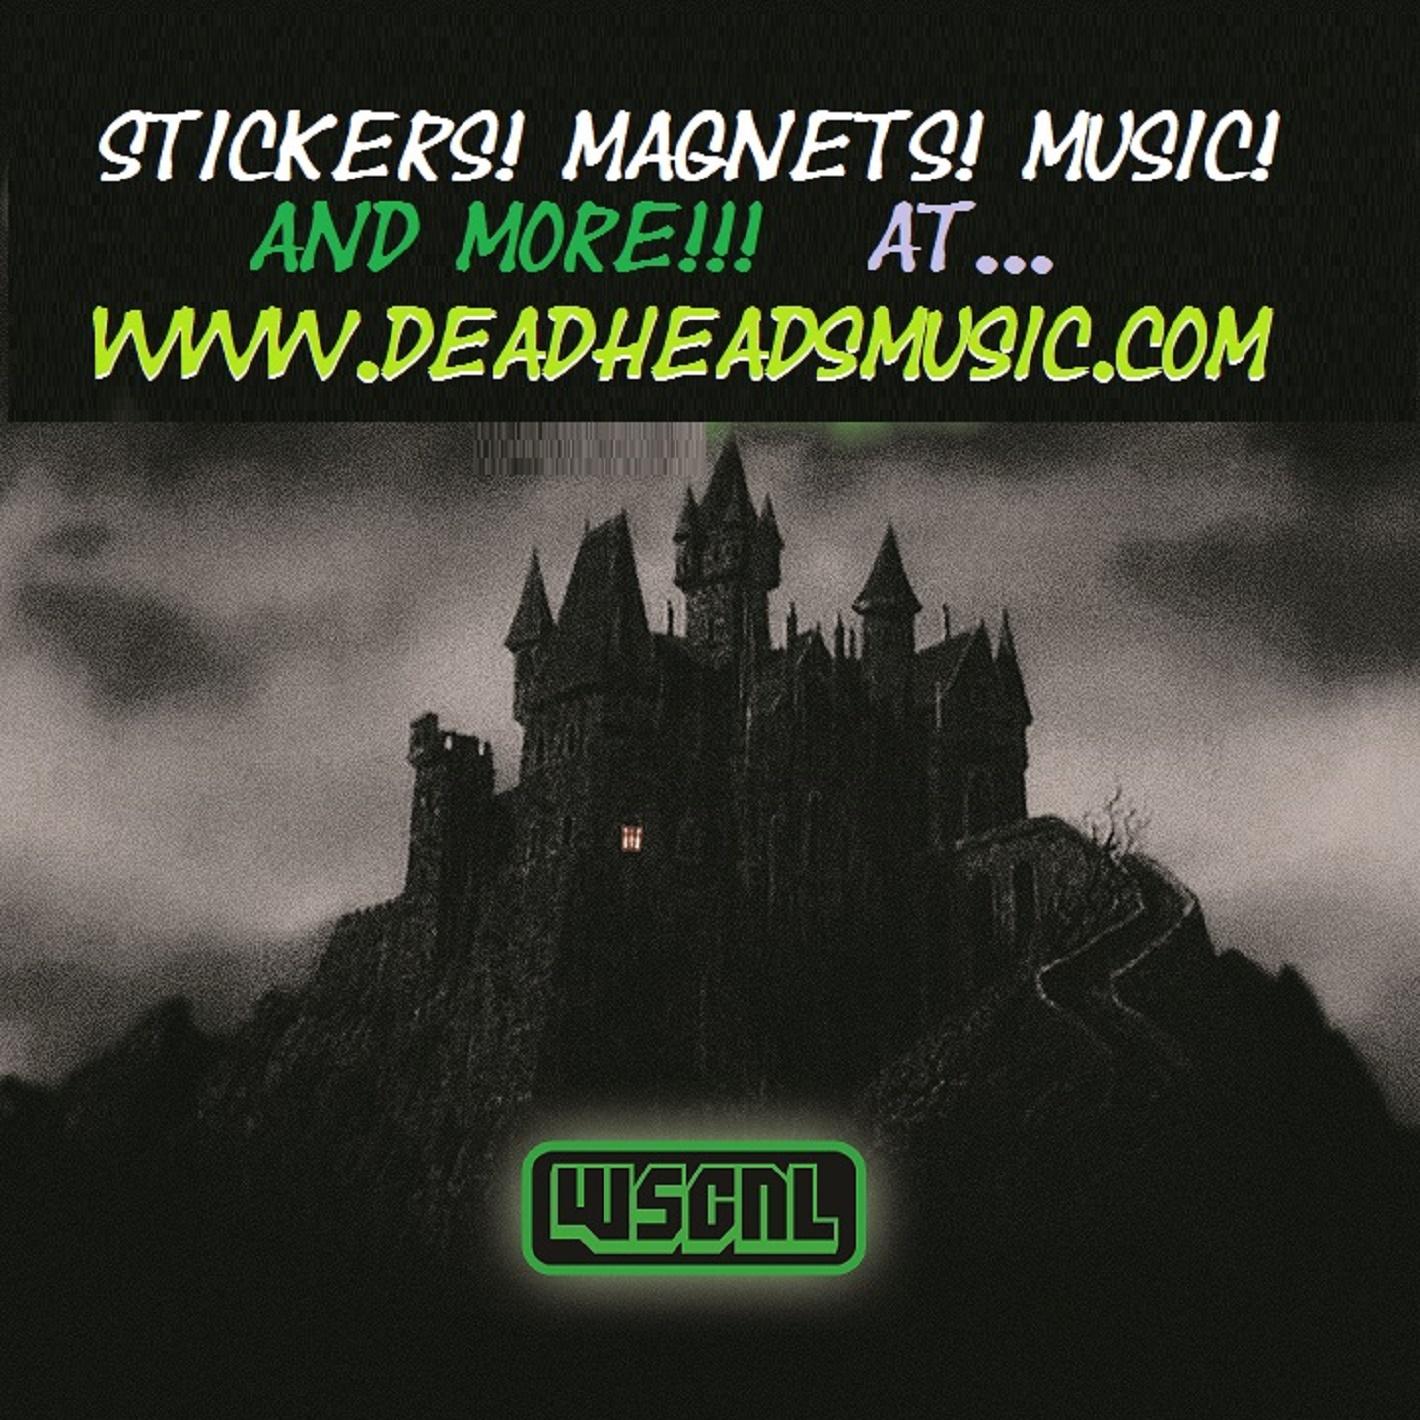 Art for Monster Store! by DEADHEADSMUSIC.COM